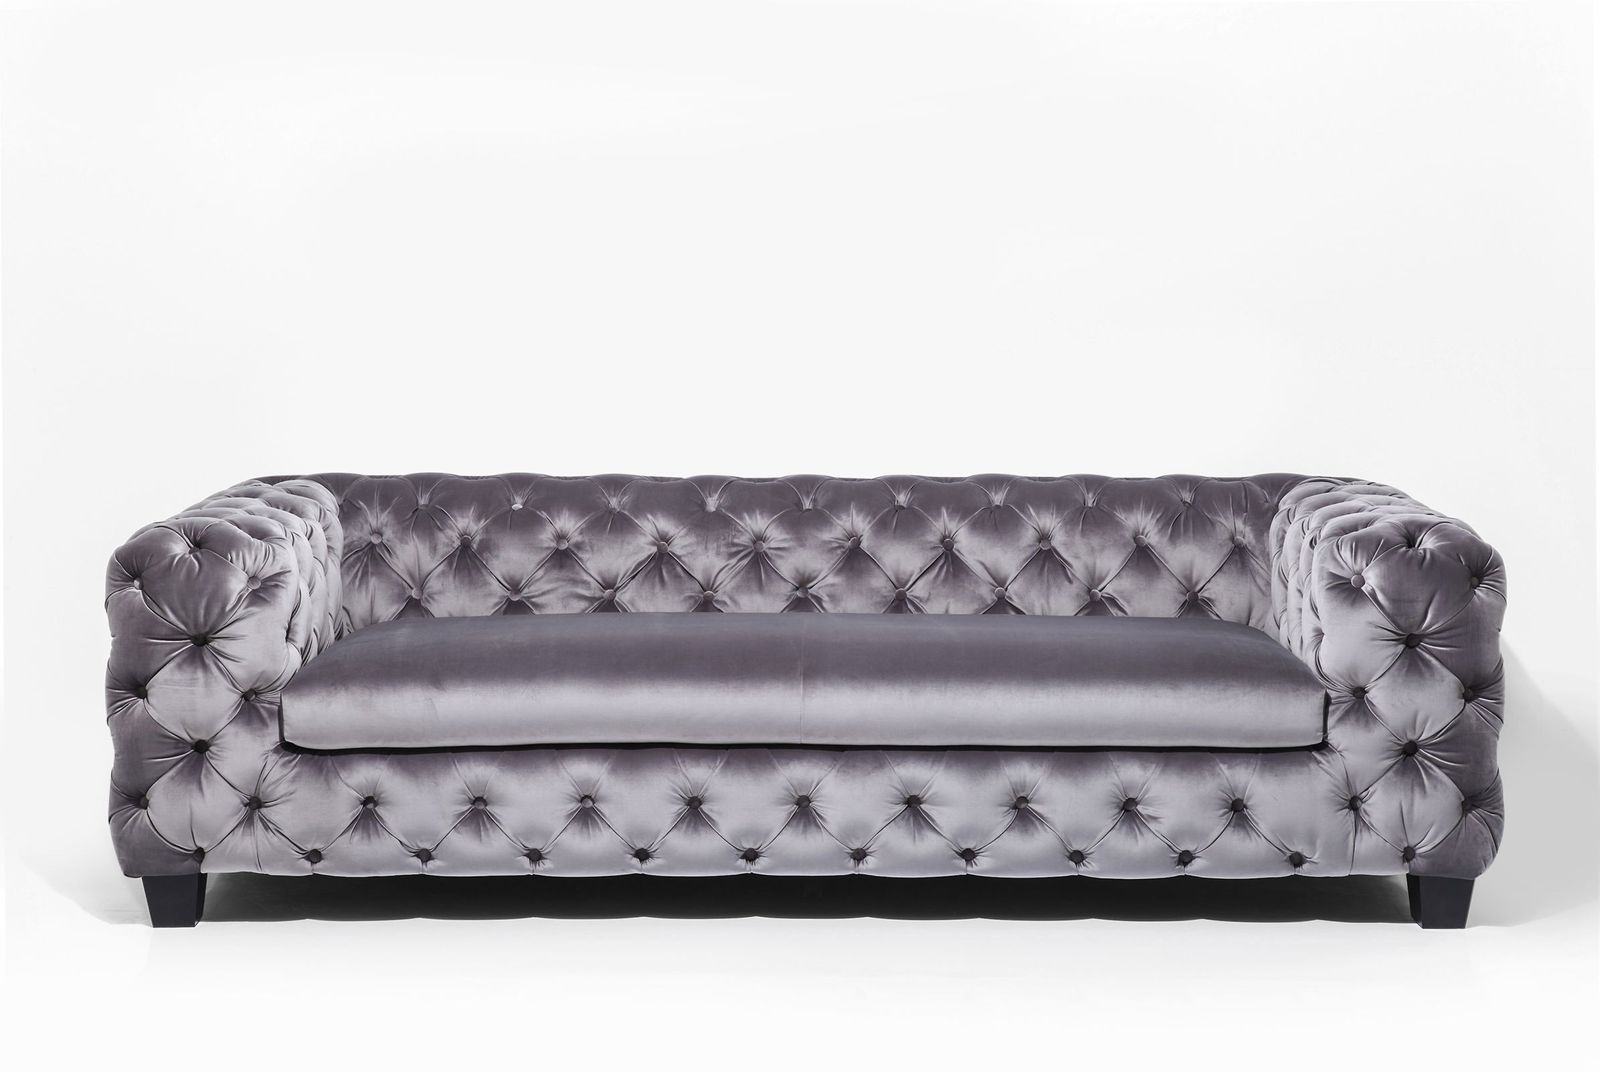 Sofa My Desire Silbergrau 3-Sitzer